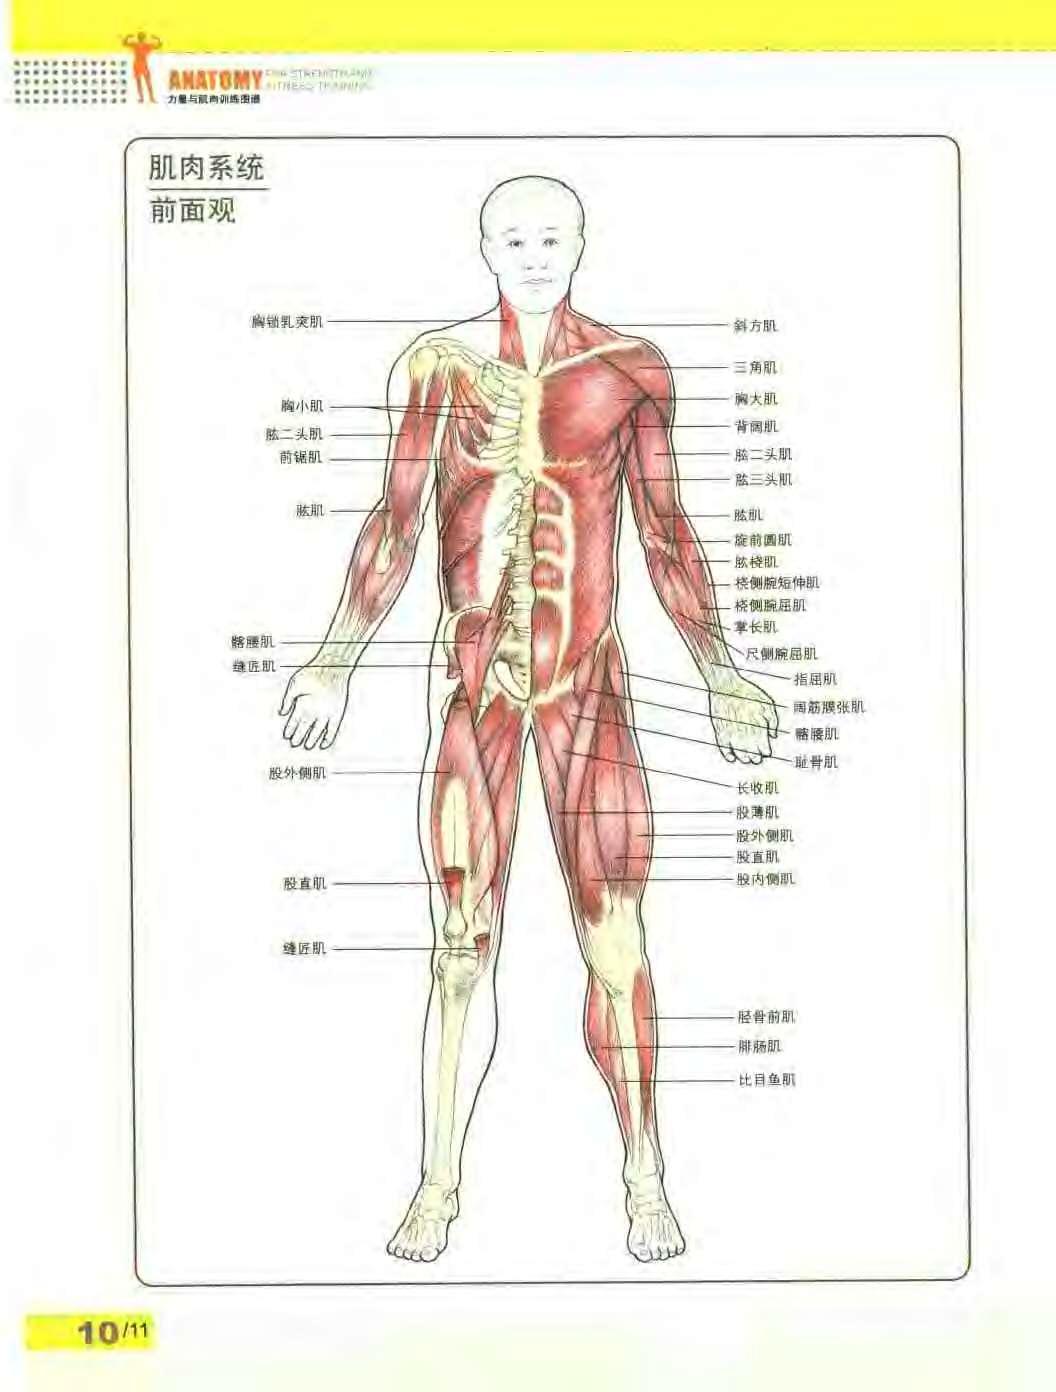 人体肌肉分布图_求:人体肌肉分布图 高清带文字